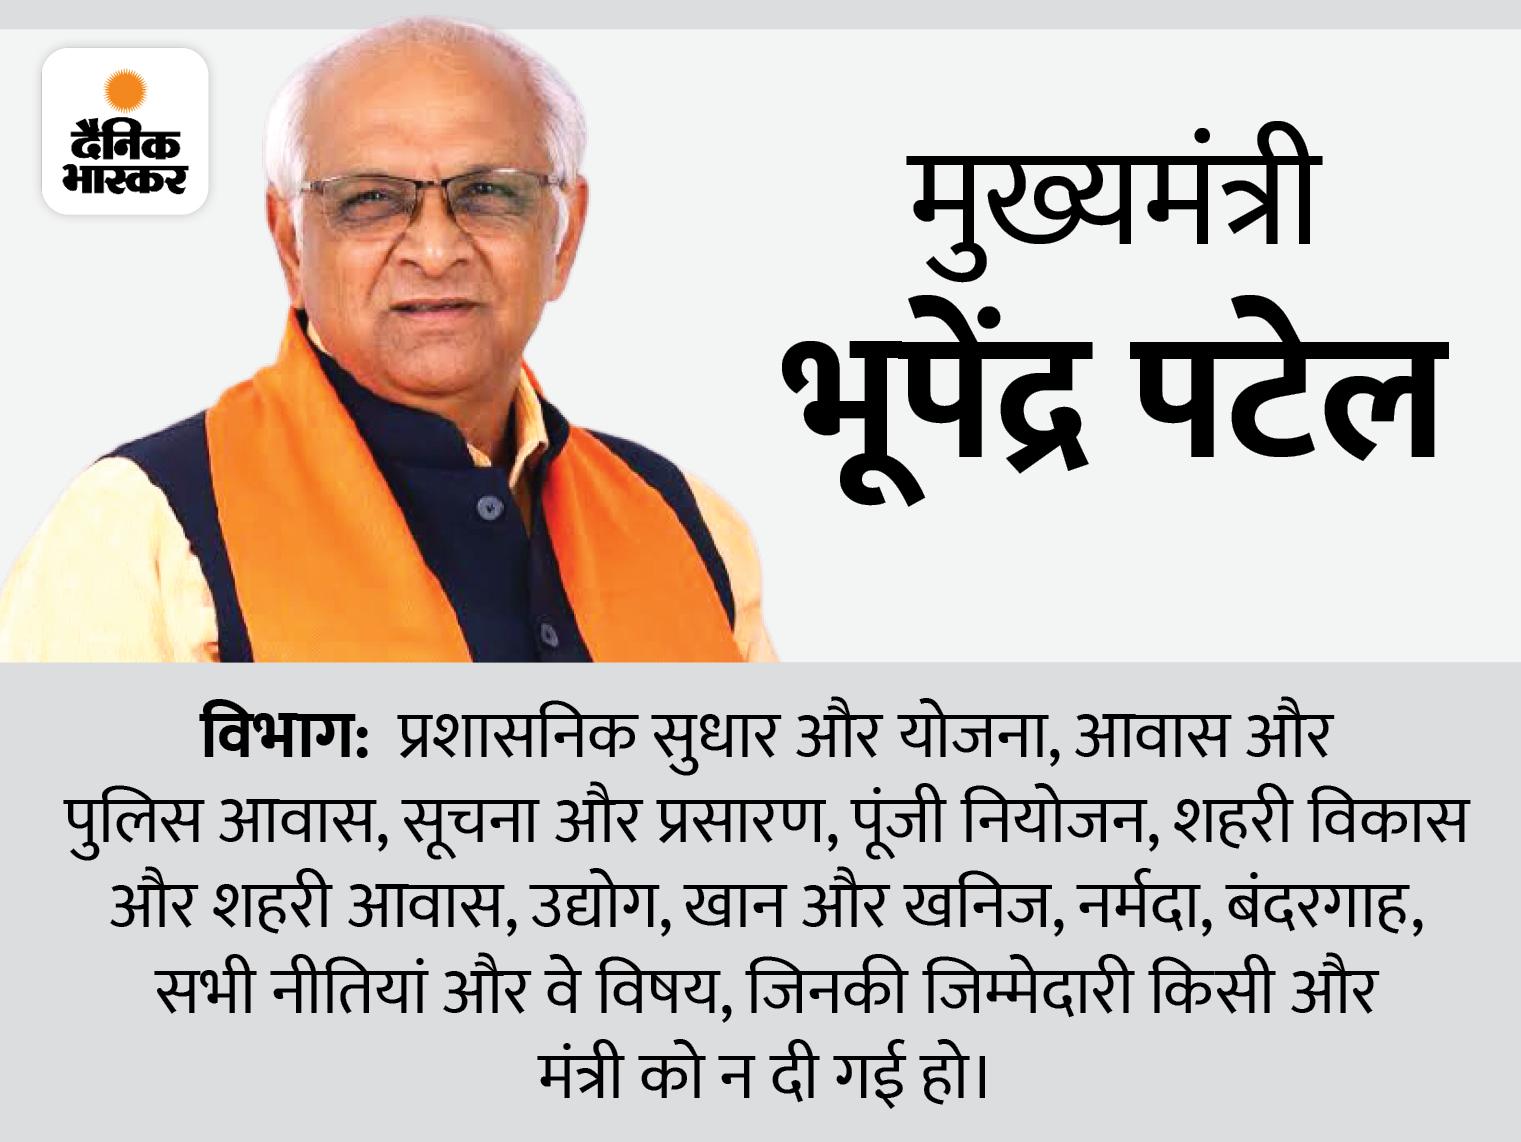 CM के पास माइंस और अरबन डेवलपमेंट; हर्ष संघवी को गृह, ऋषिकेश पटेल को हेल्थ व राजेंद्र त्रिवेदी को कानून मंत्रालय का जिम्मा|गुजरात,Gujarat - Dainik Bhaskar